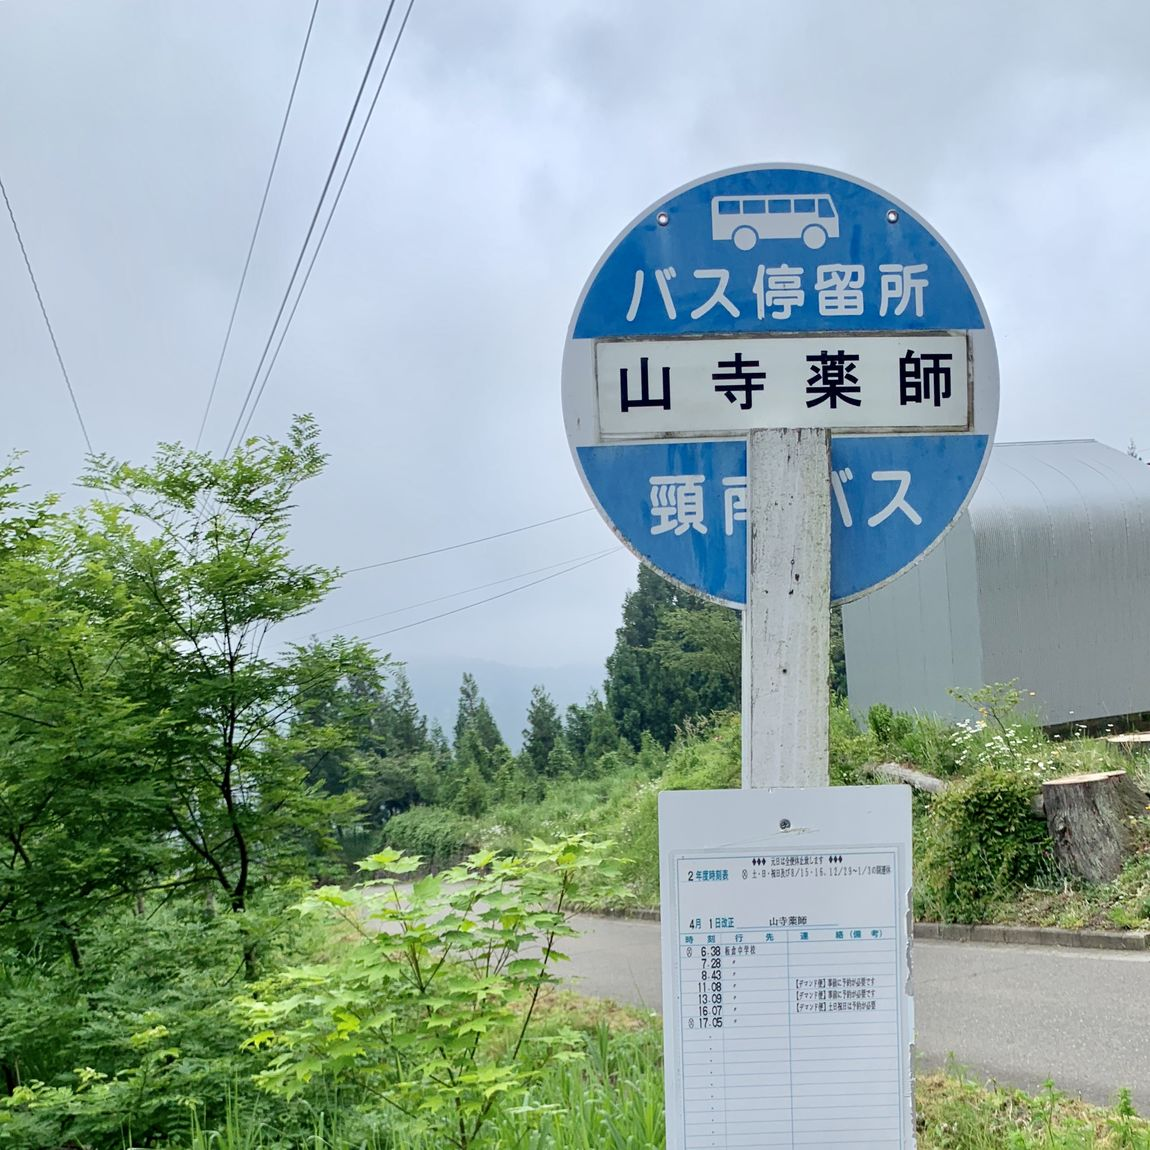 山寺薬師のバス停看板